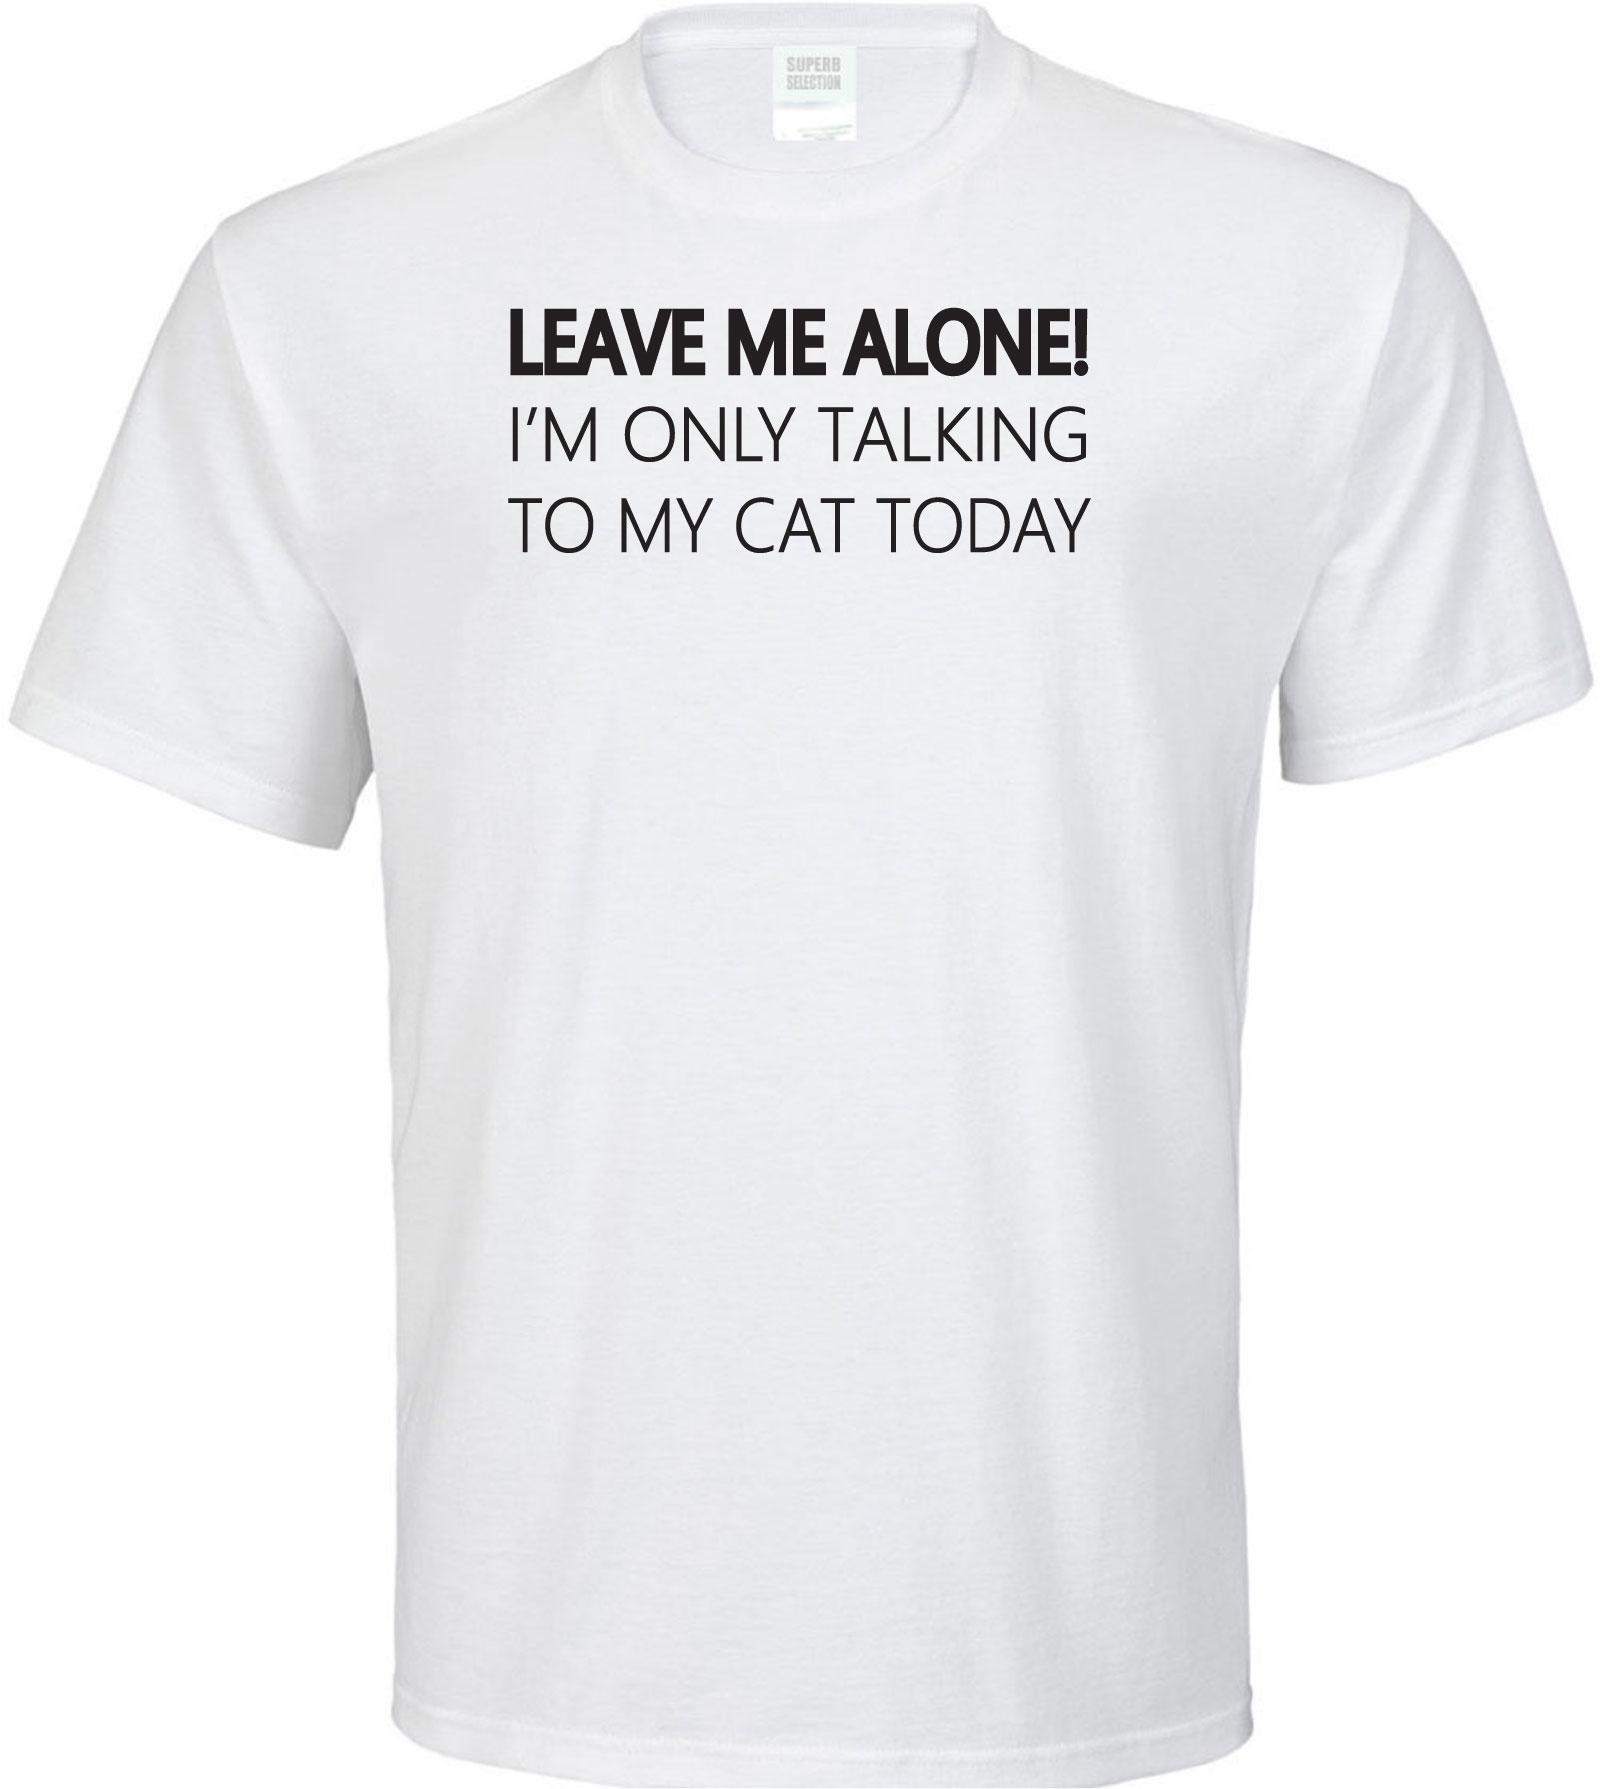 a7cc8b77 Funny Animal Tee Shirts | Top Mode Depot